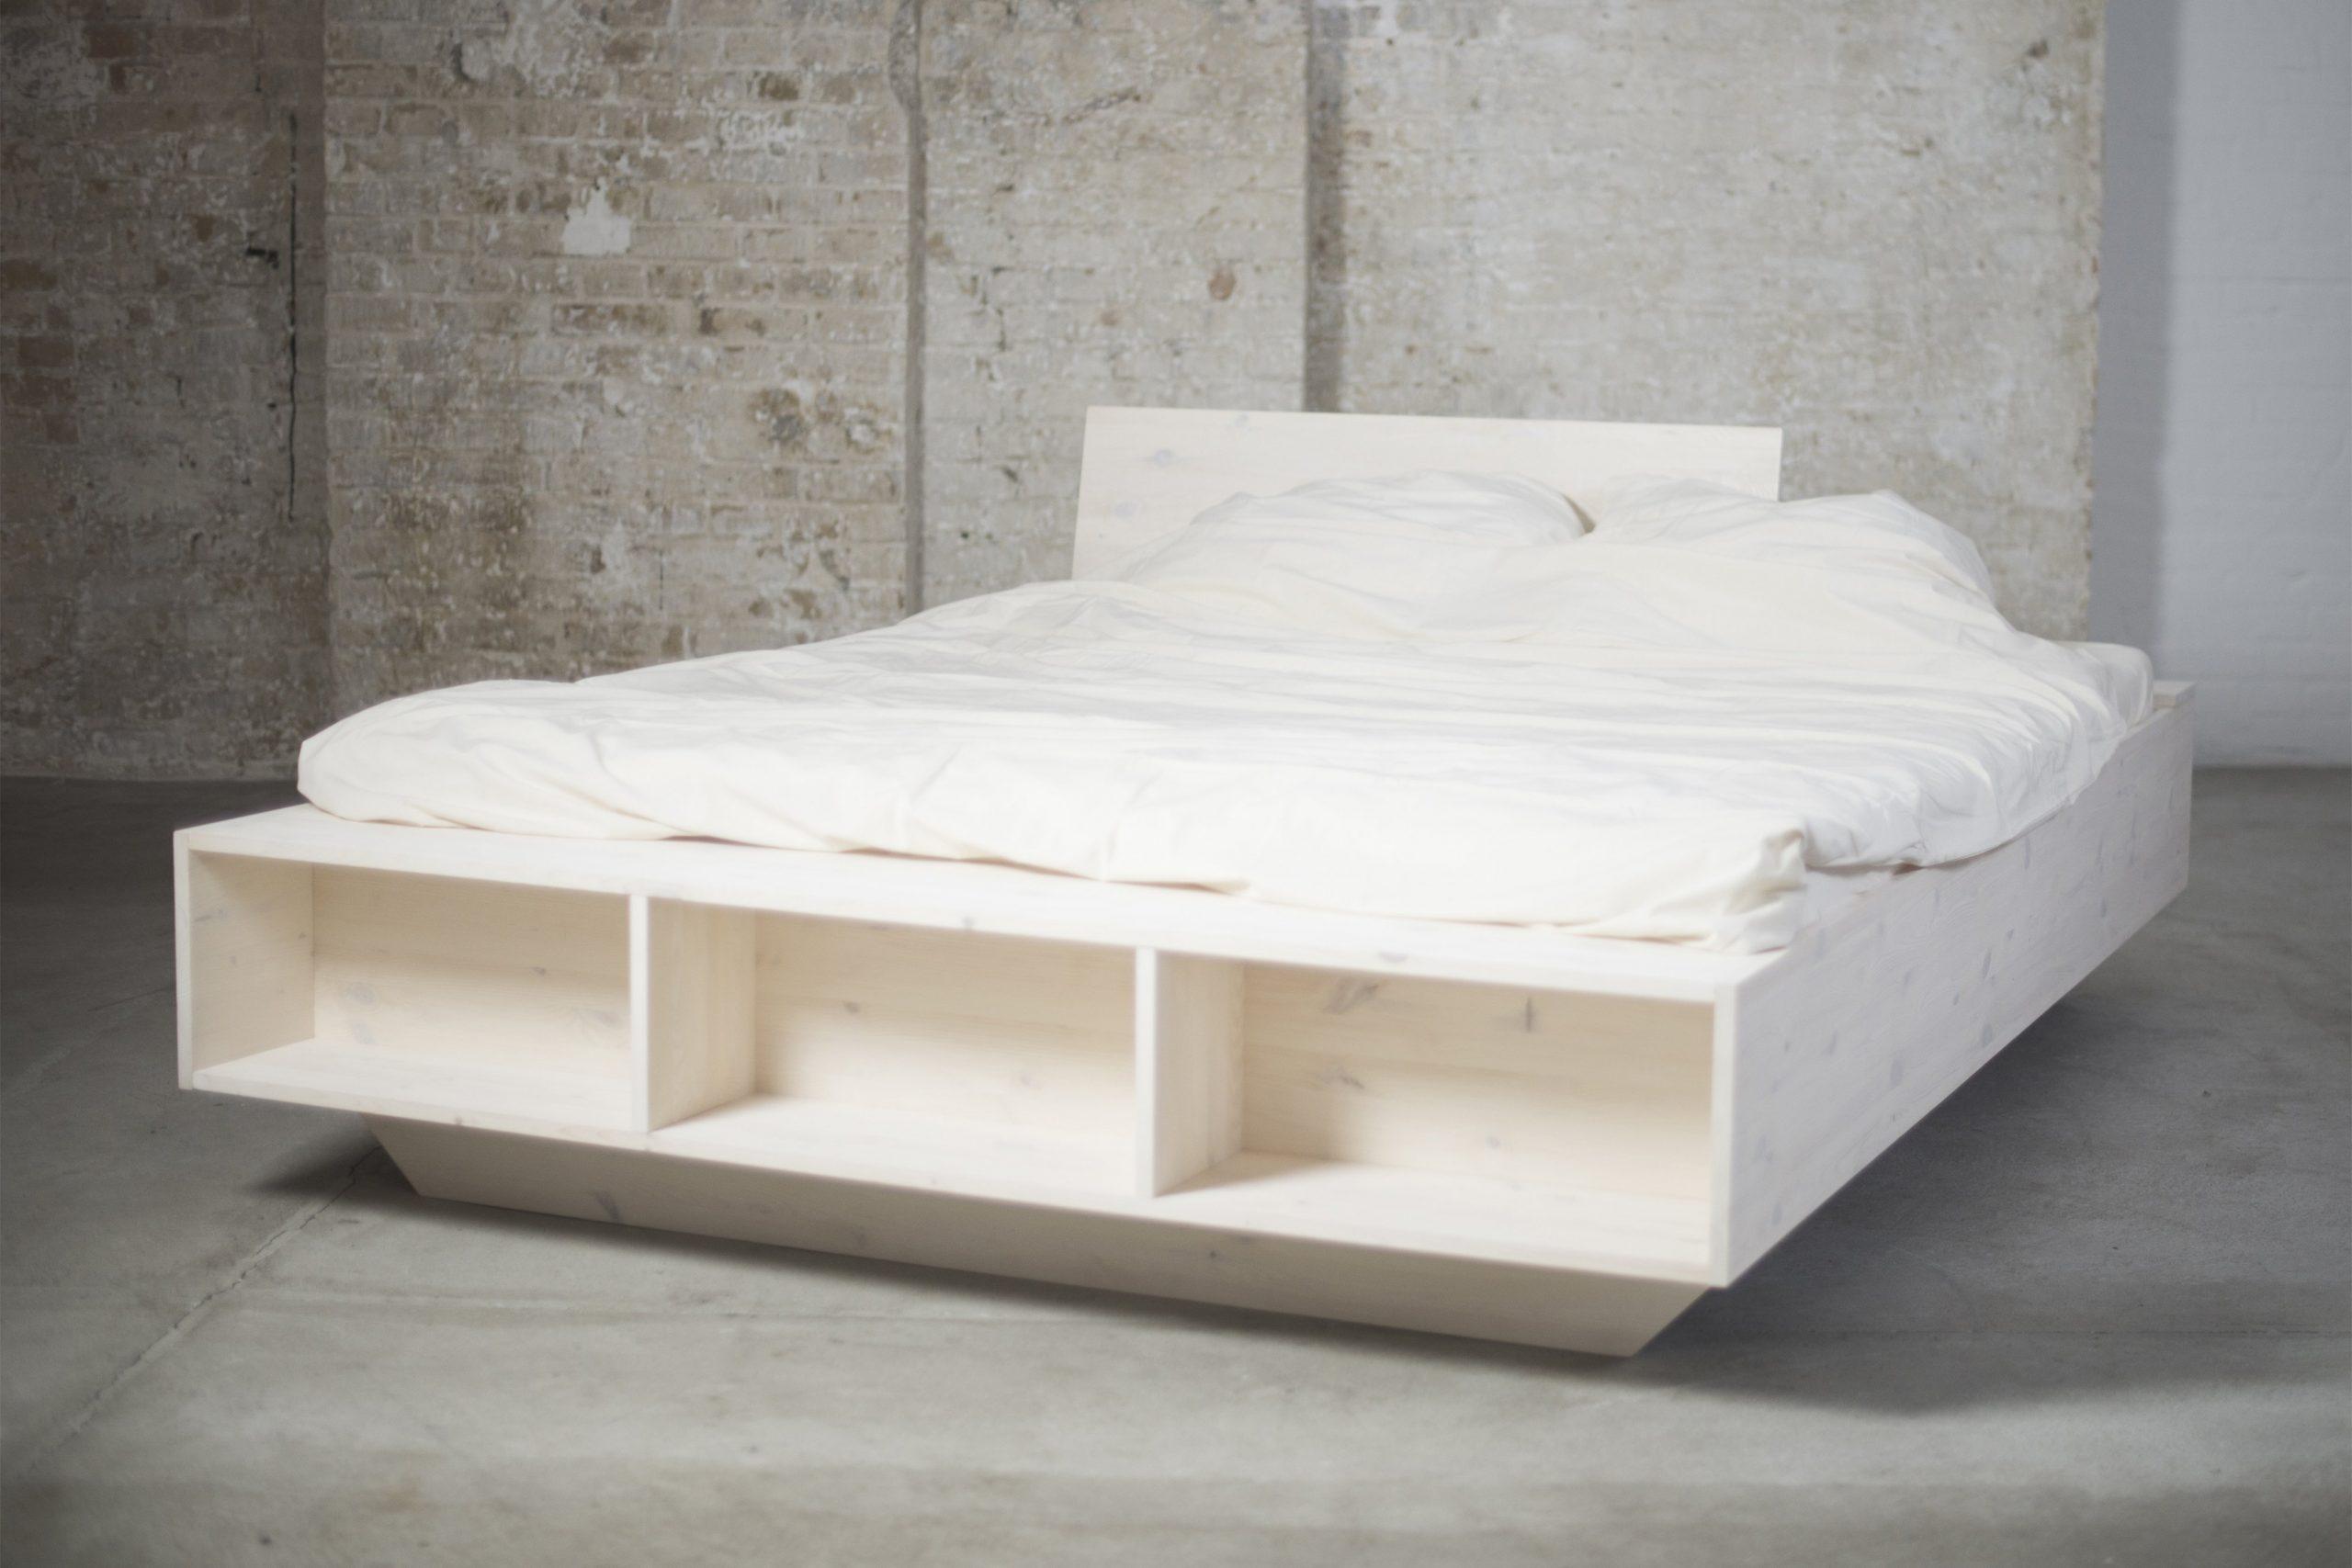 Full Size of Design Solid Wood Bed With Style And Storage Space Organic Runde Betten Jensen Bett Mit Rutsche Gästebett Poco 200x200 Komforthöhe Chesterfield Romantisches Bett Bett 1.40